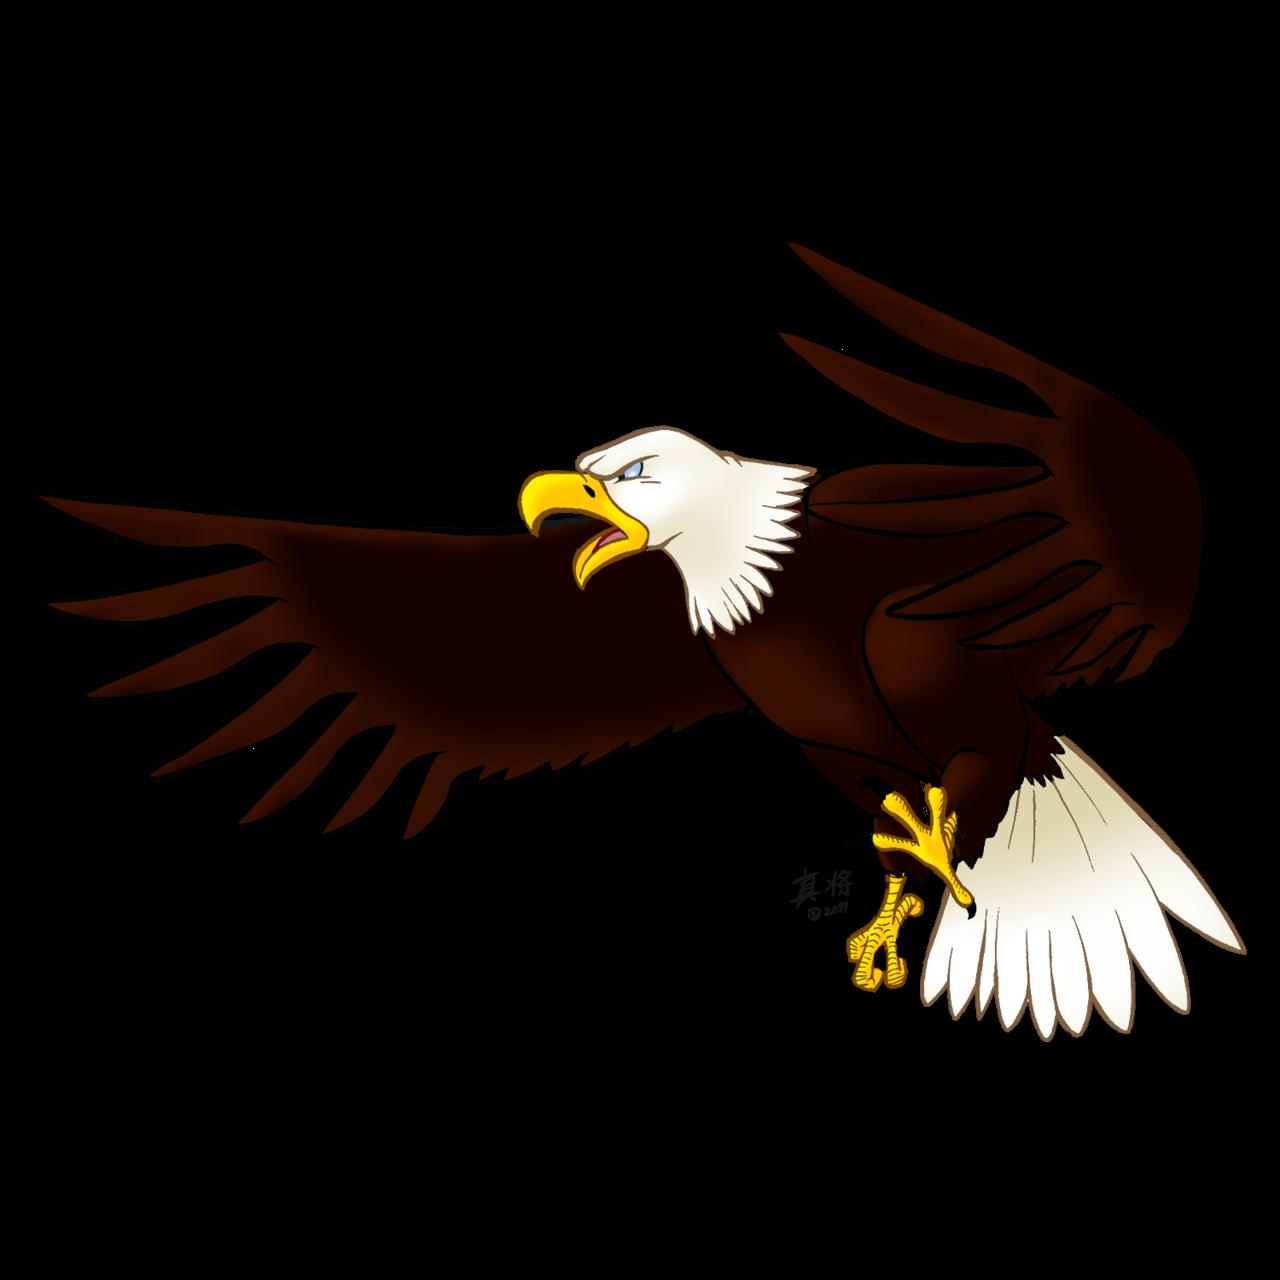 Gambar Burung Png Gambar V